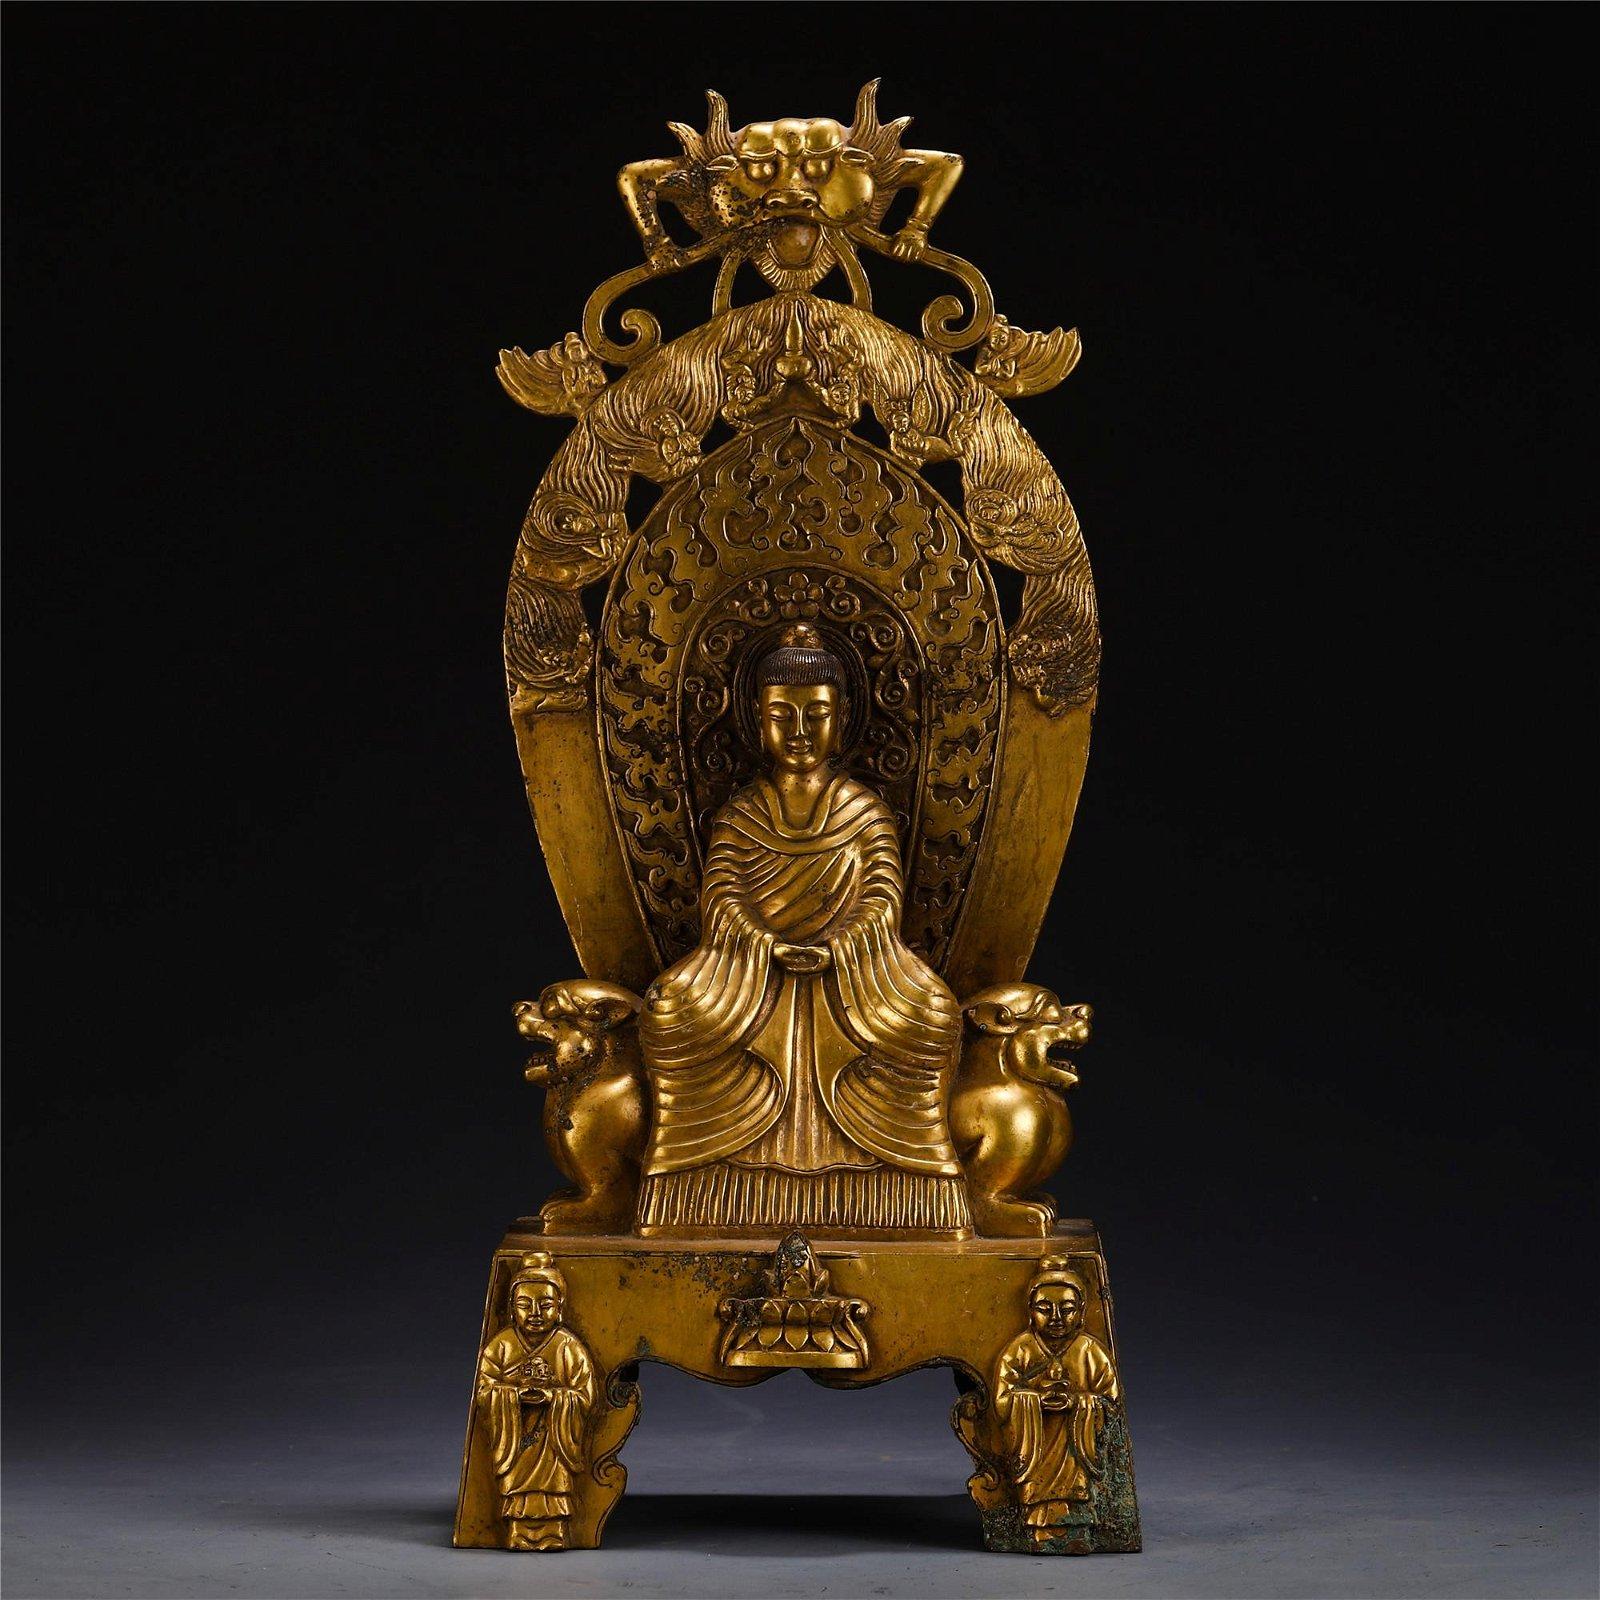 A LARGE CHINESE GILT BRONZE BUDDHA STATUE